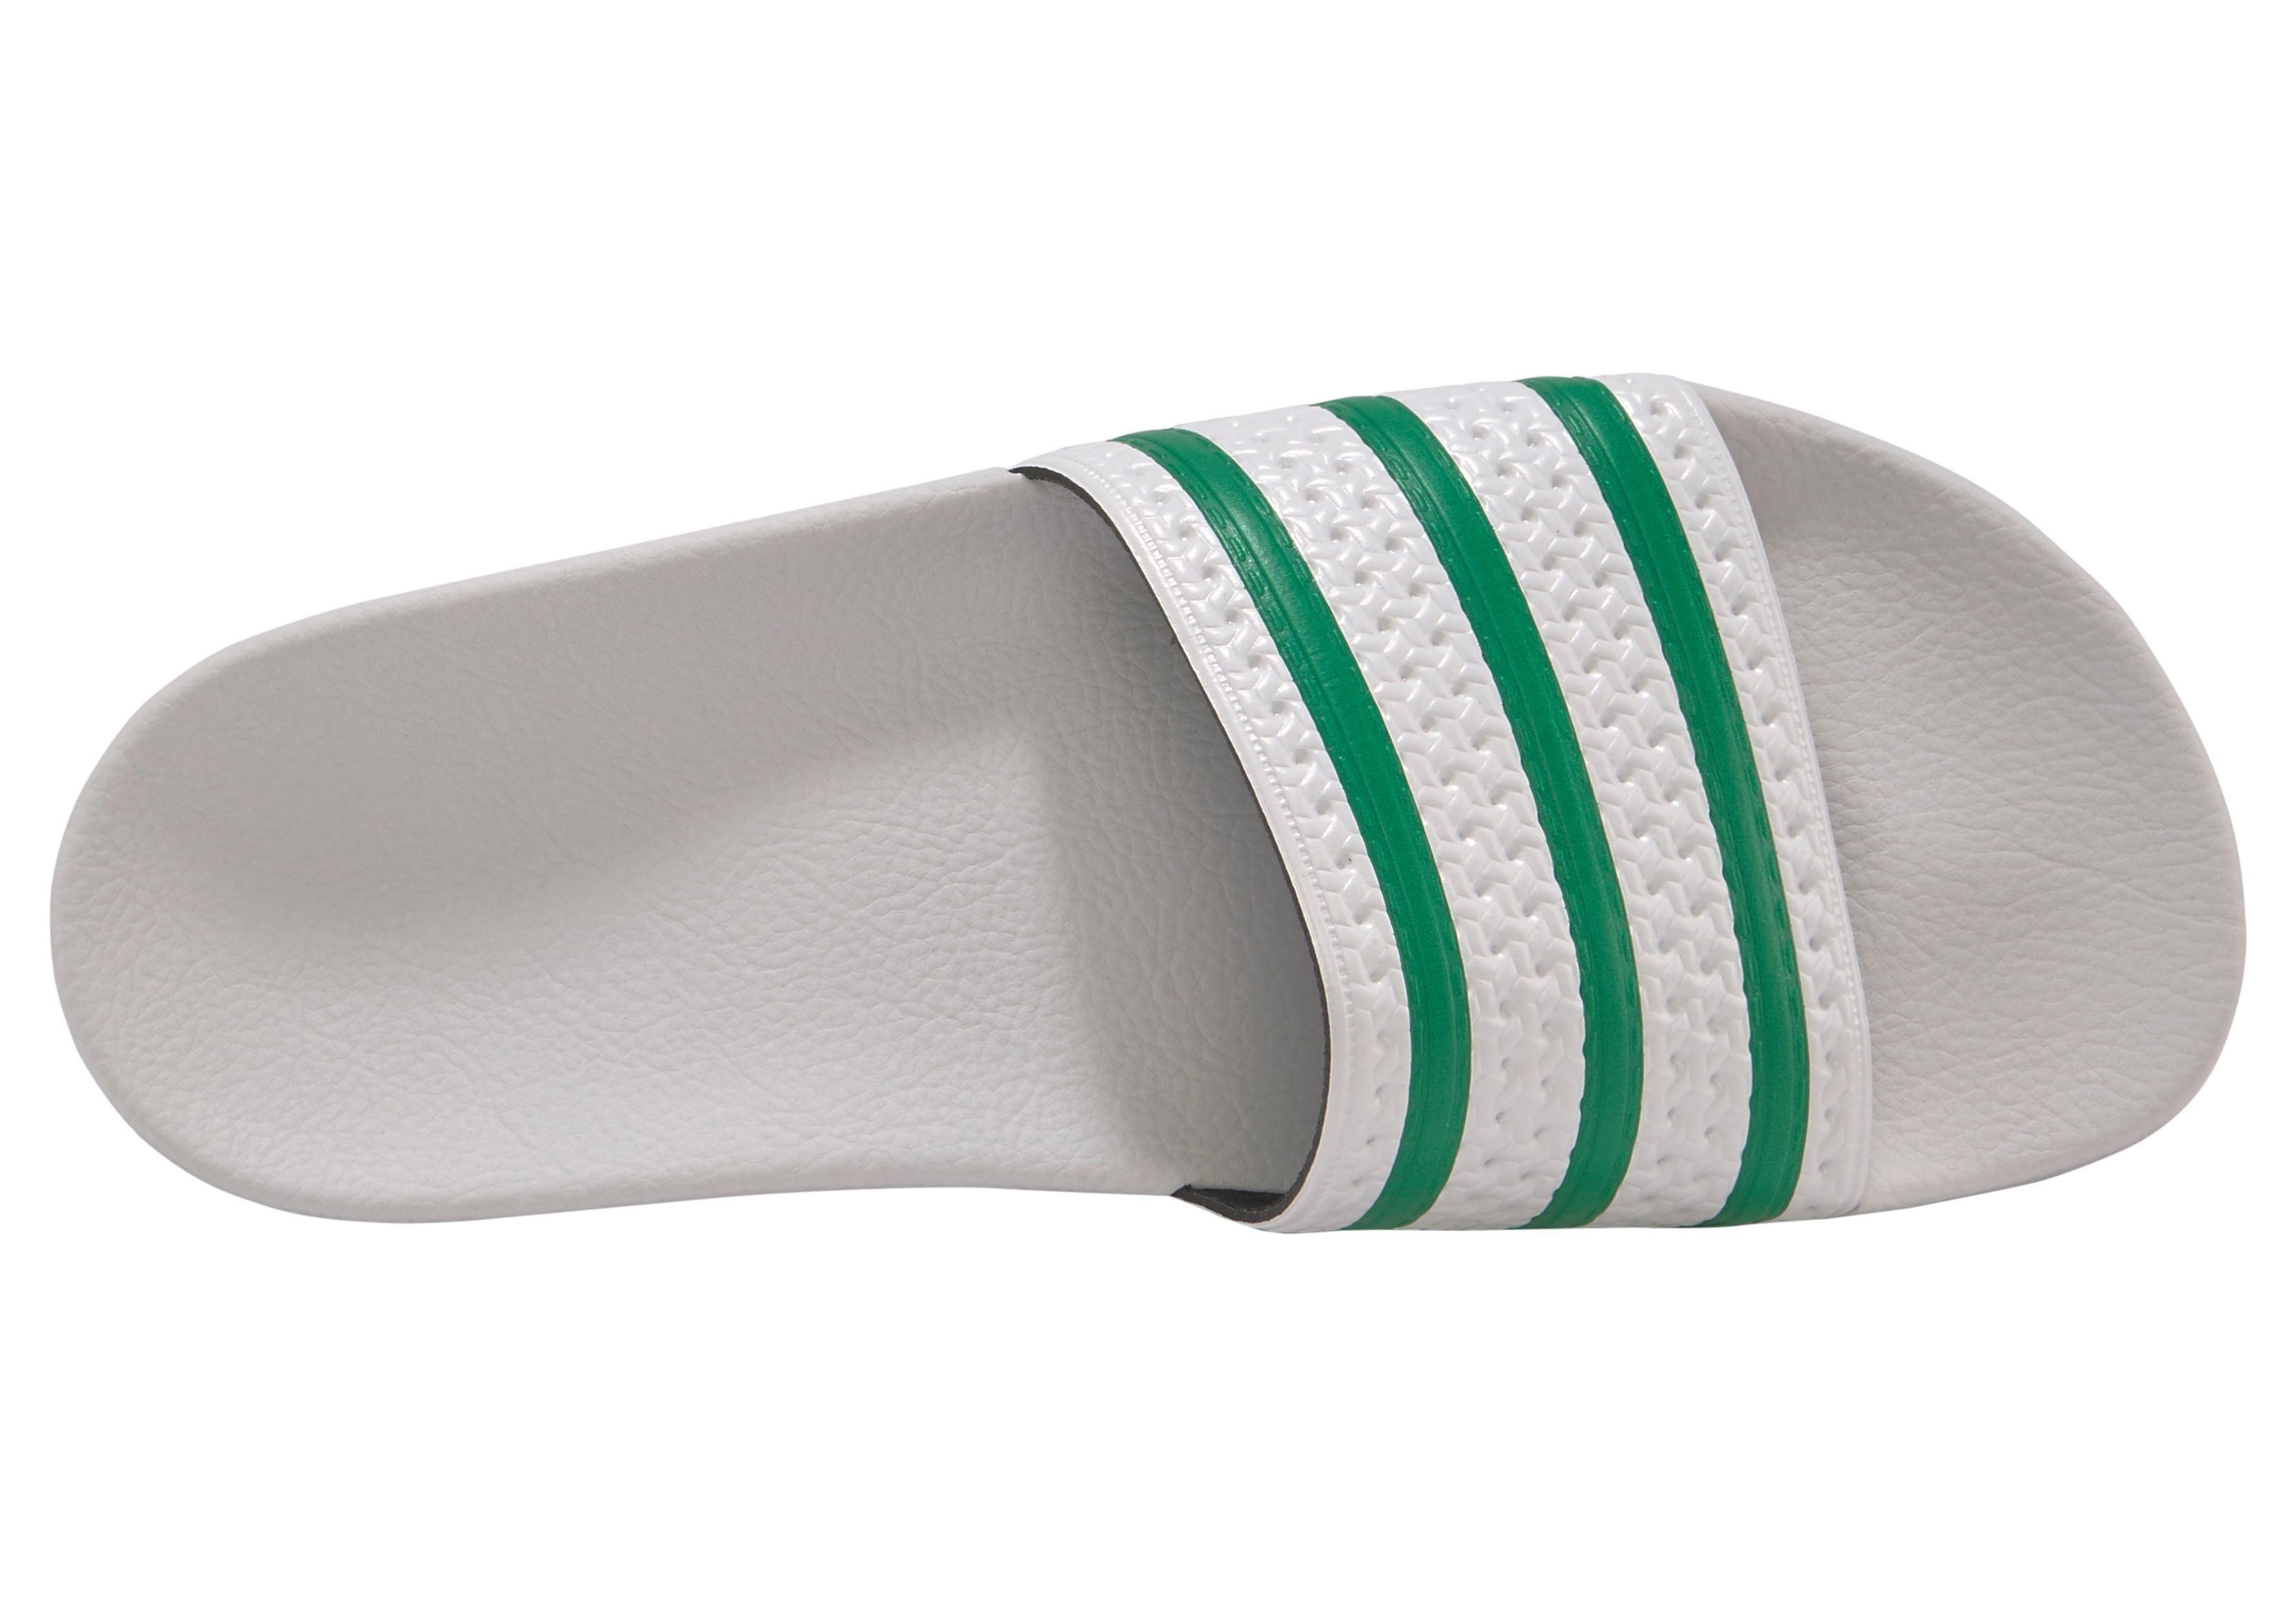 Adidas Originals Badslippers Adilette Nu Online Bestellen - Geweldige Prijs